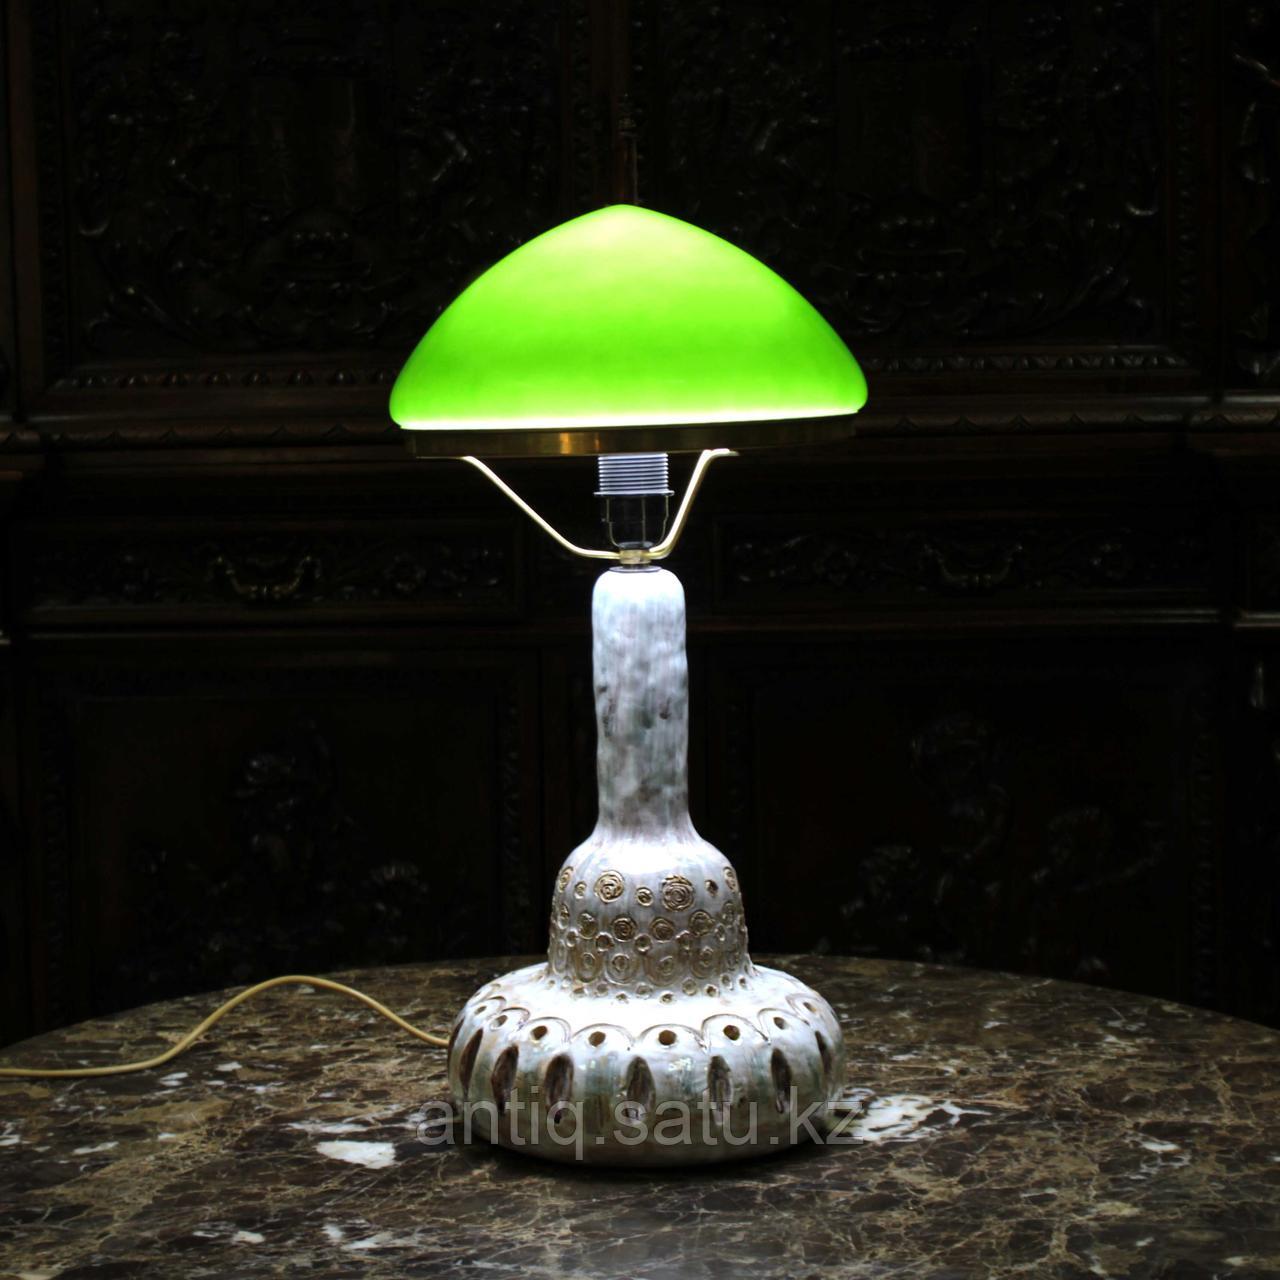 Скандинавская лампа с зеленым куполом. - фото 6